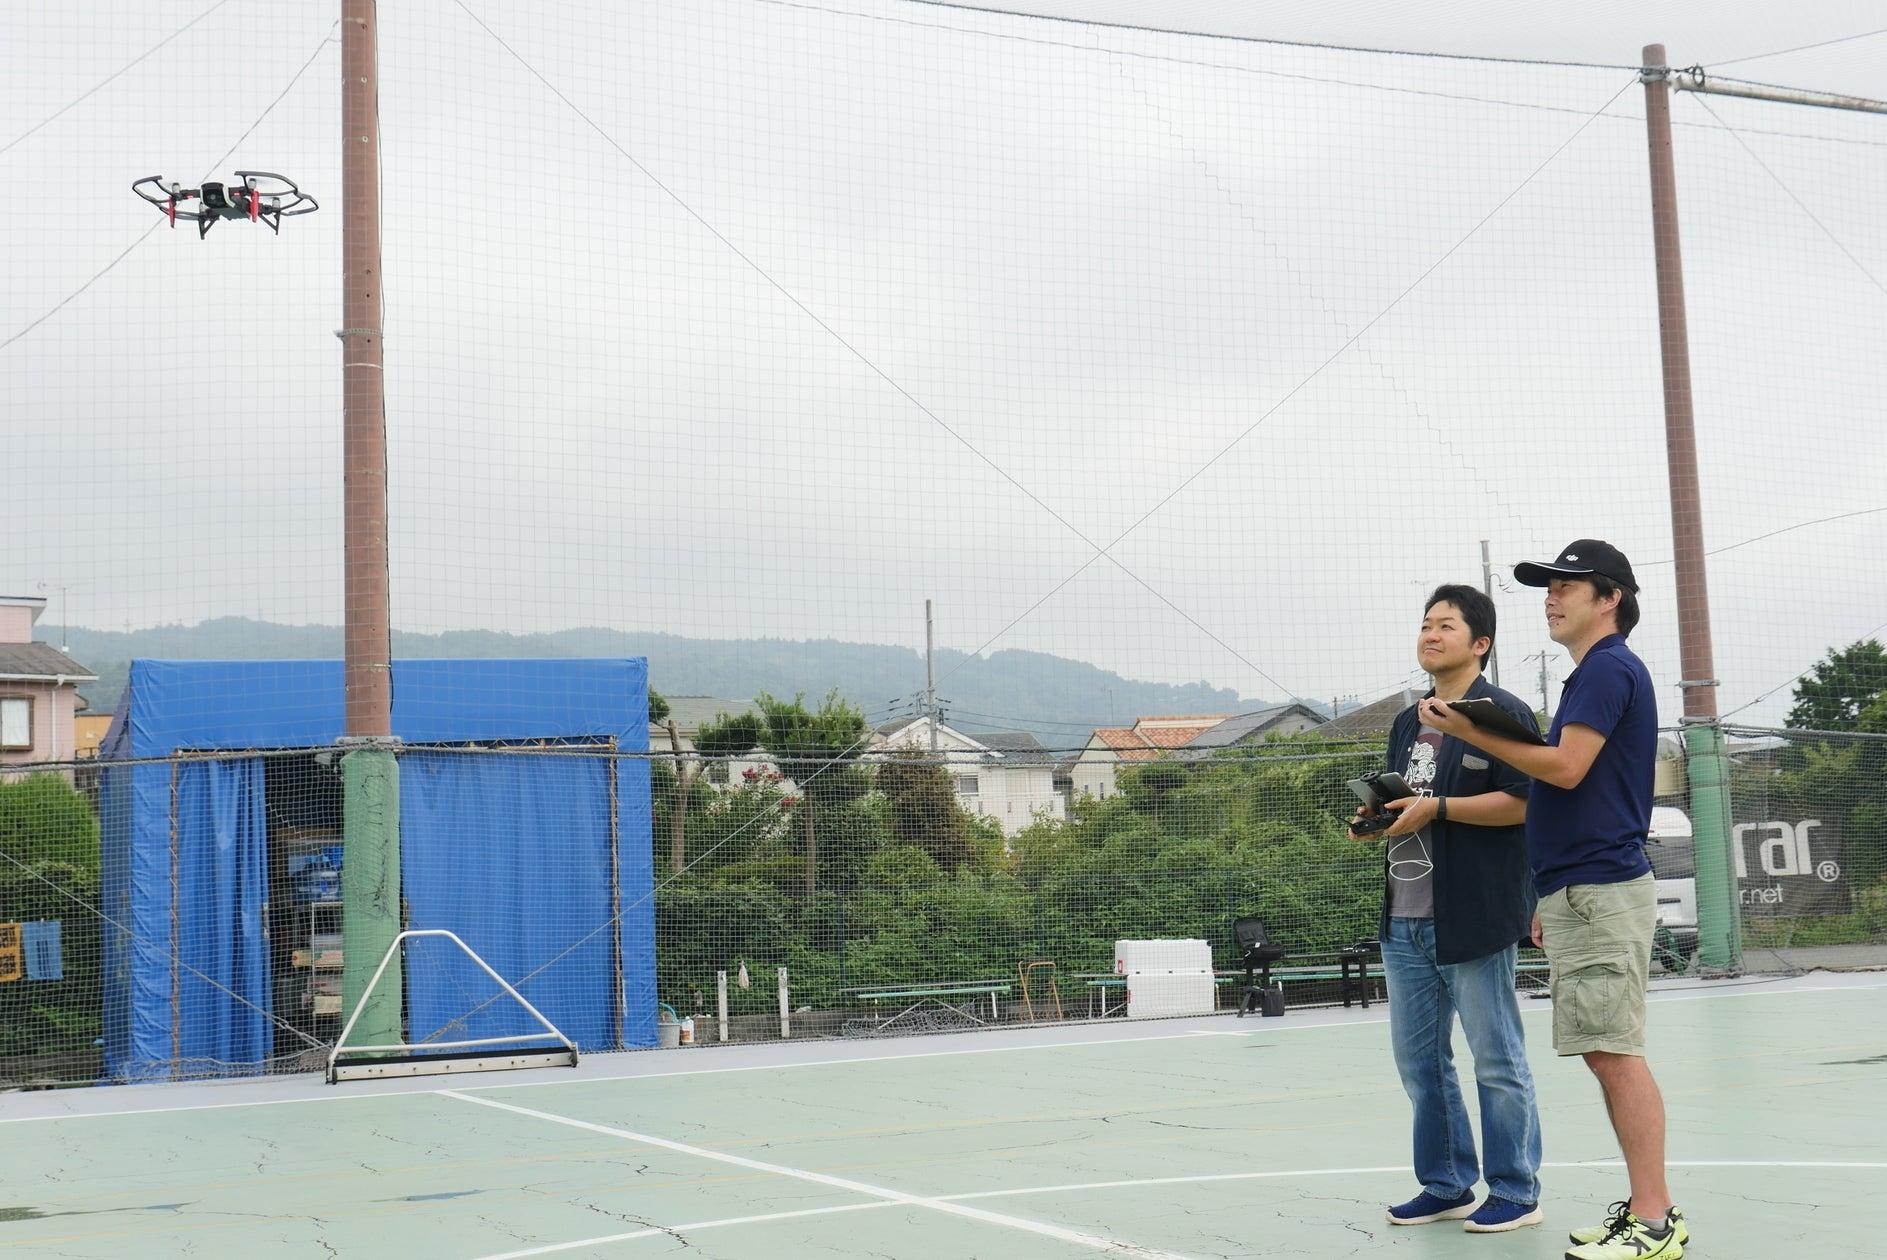 ドローン練習場・ZUCCドローンフライトフィールド大井 の写真